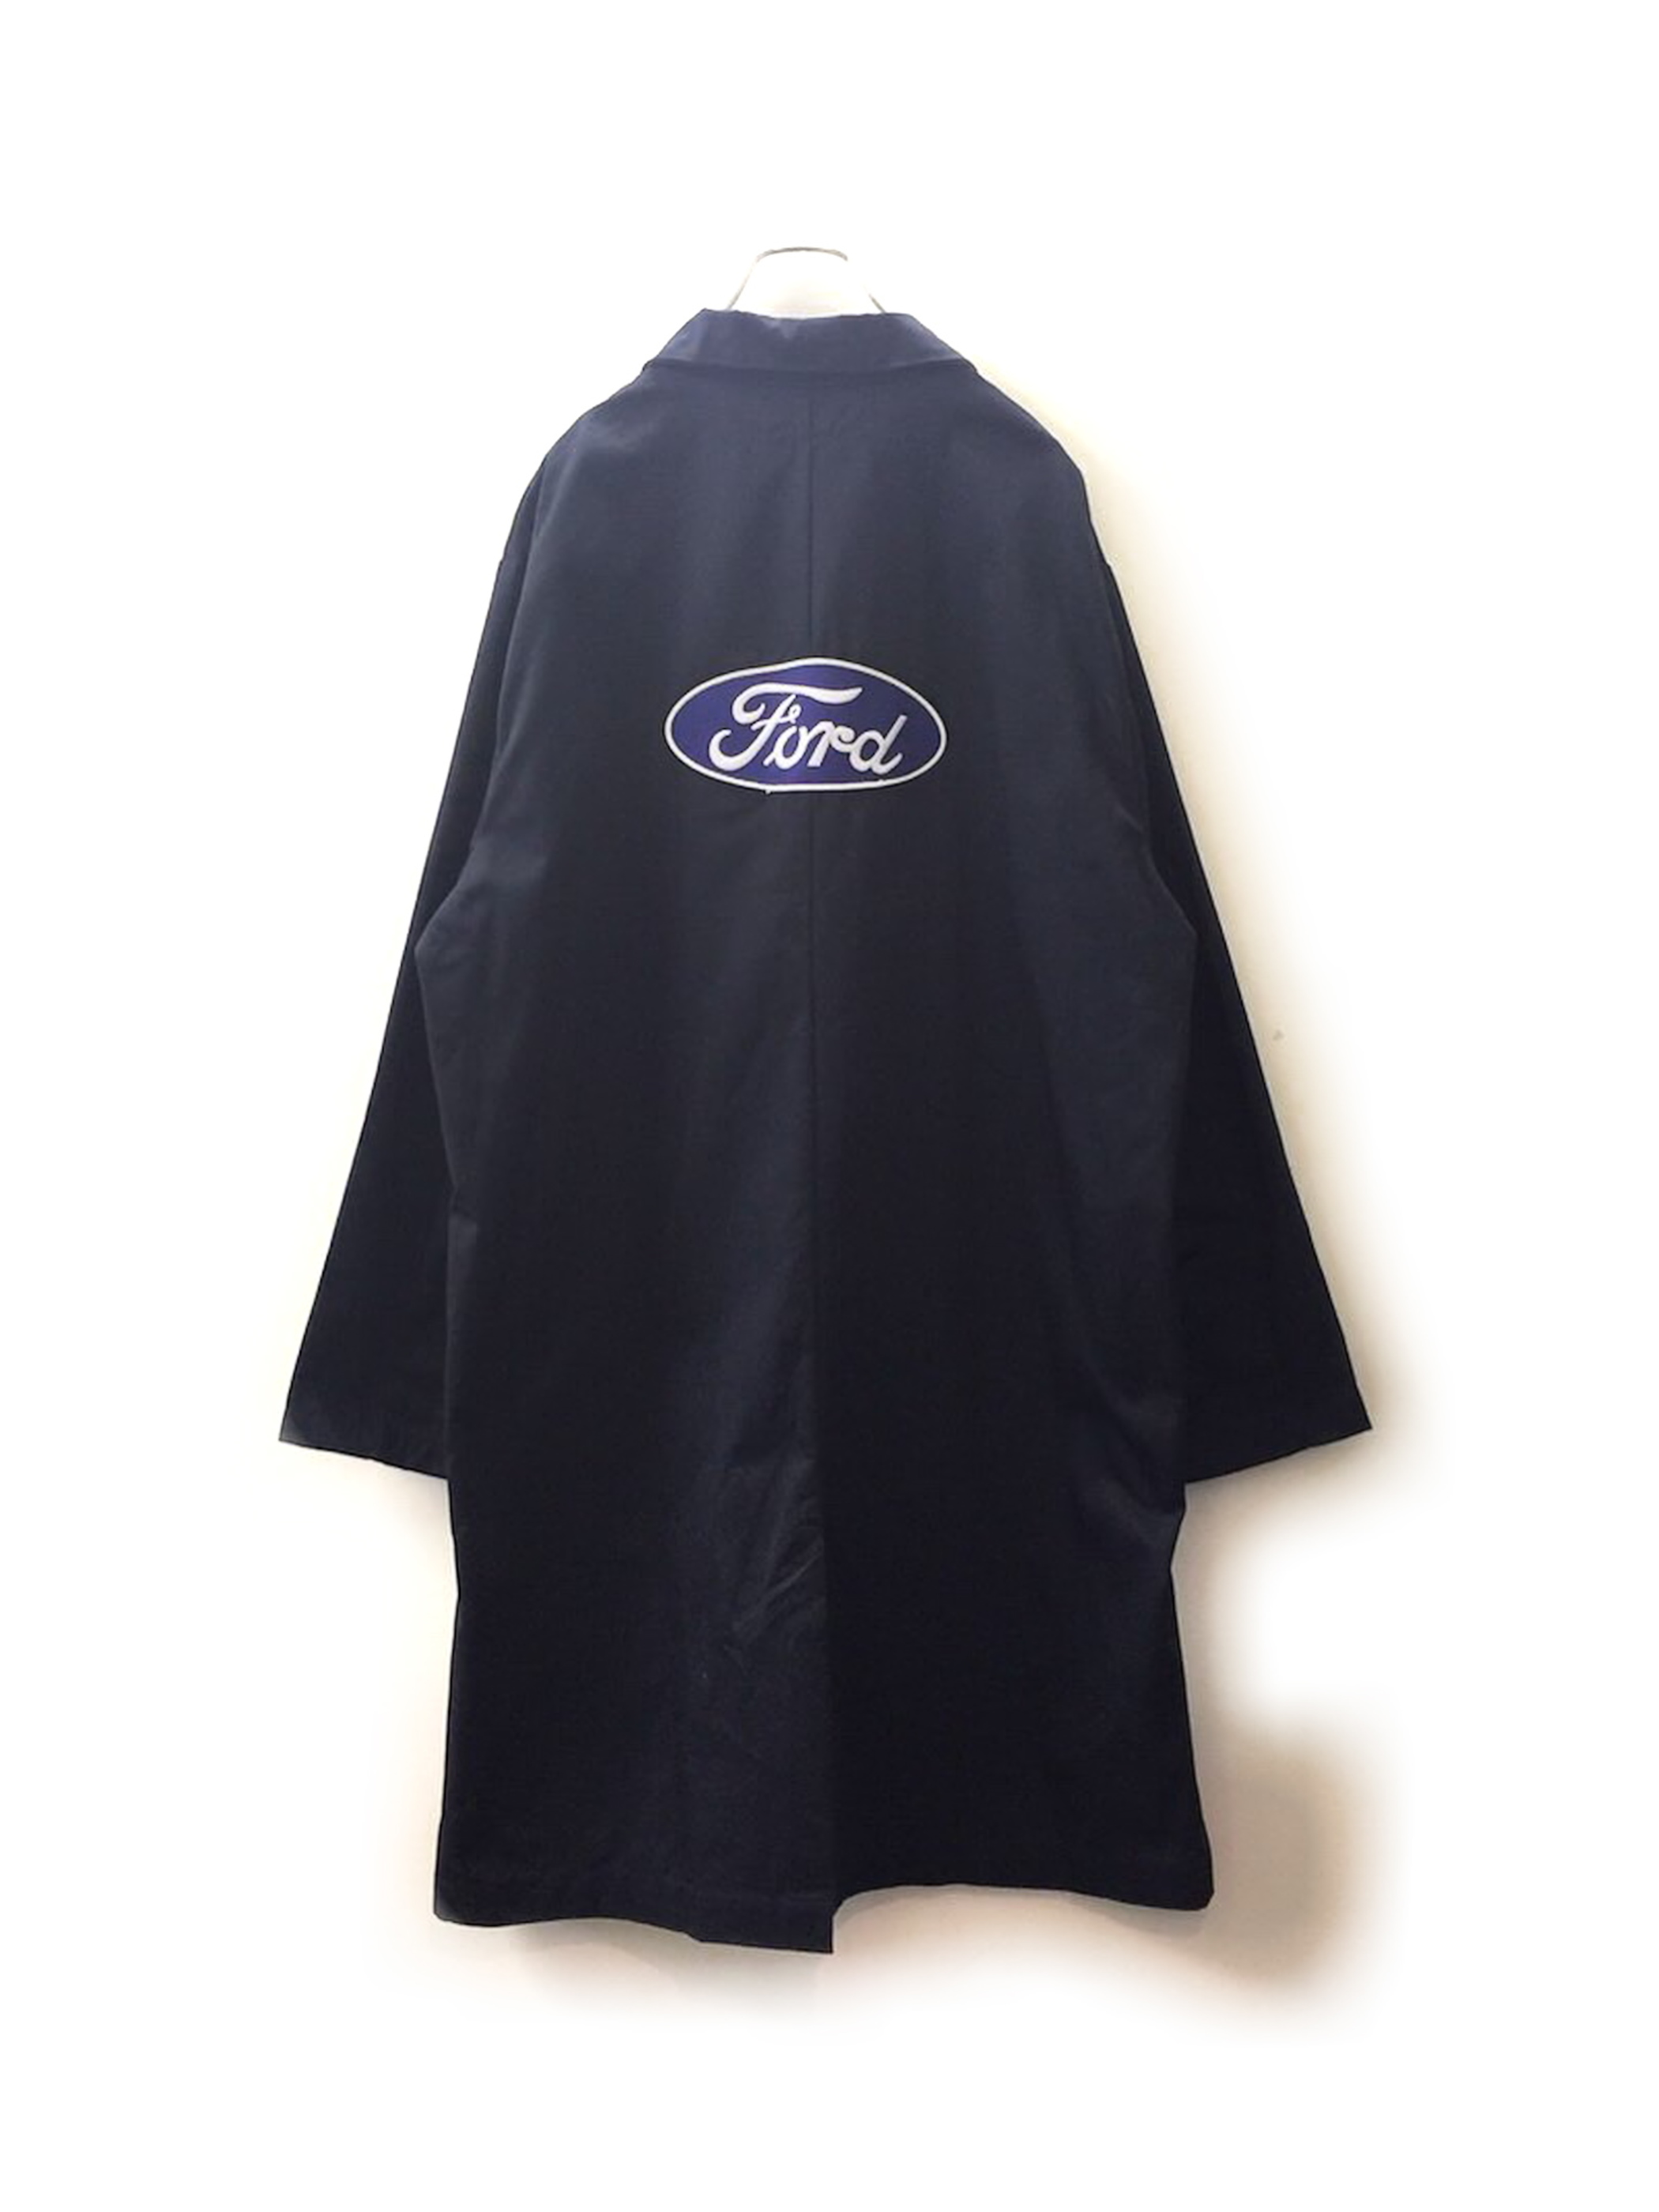 Ford オーバーサイズ ワーキング ショップコート ネイビー色 メンズ 古着